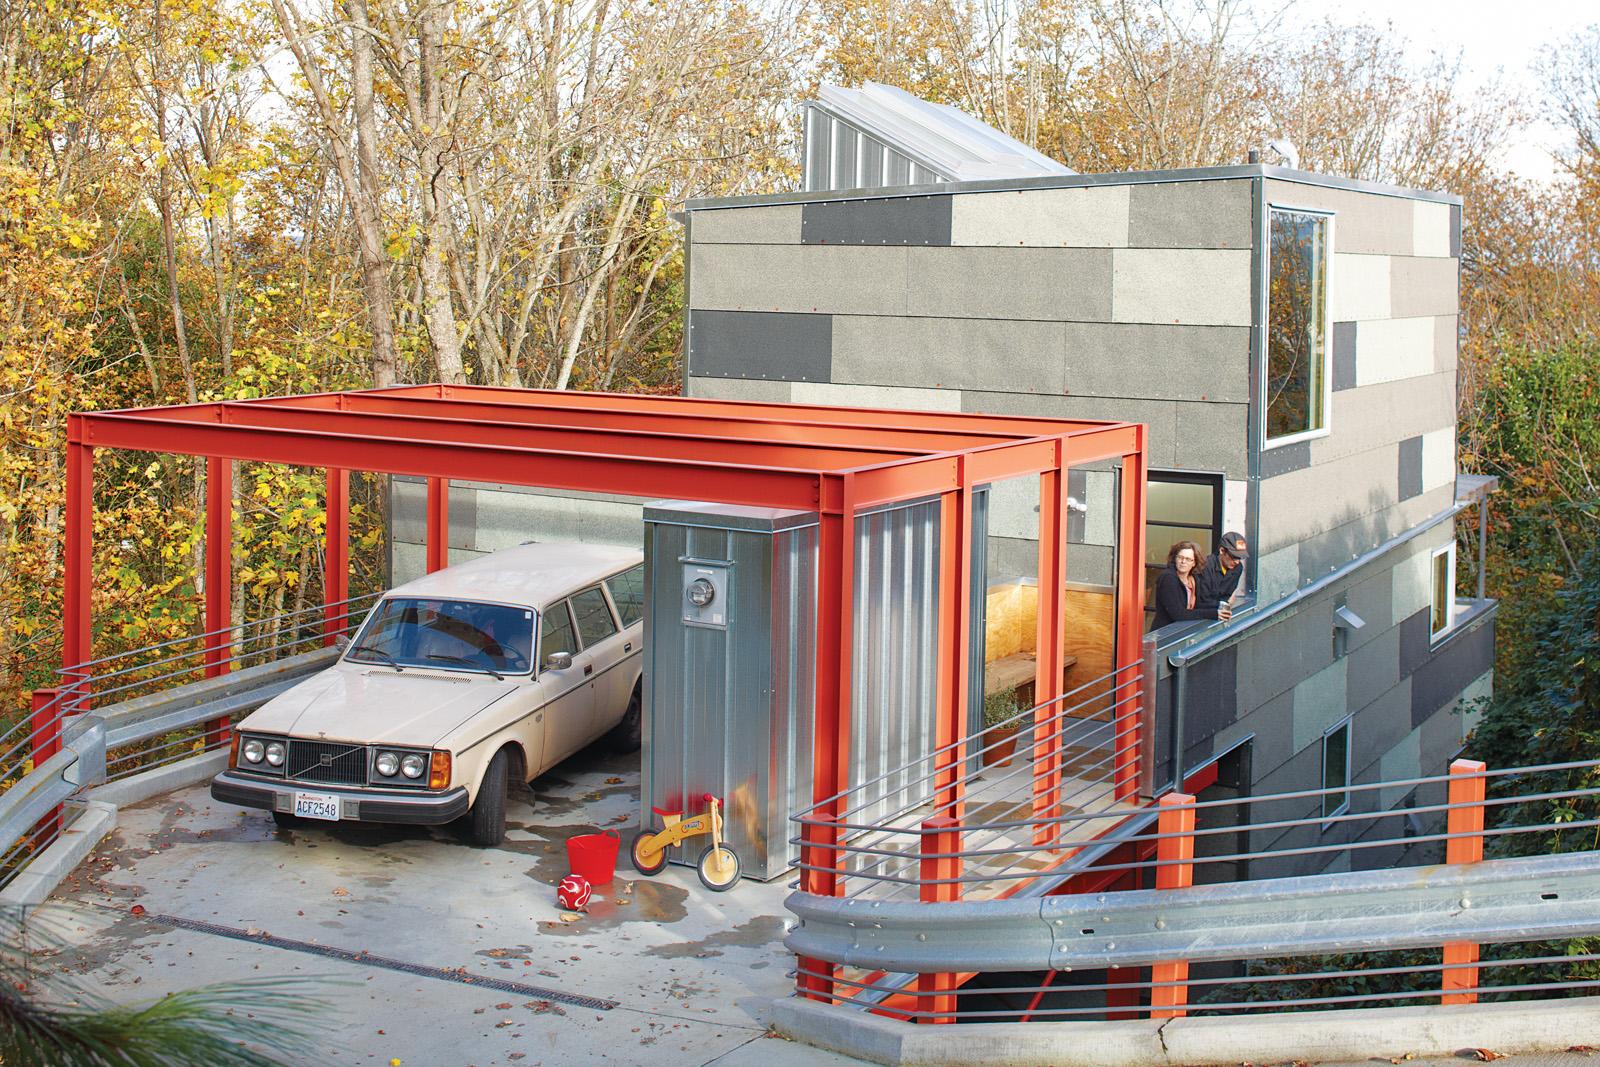 Rectangular red-framed open garage